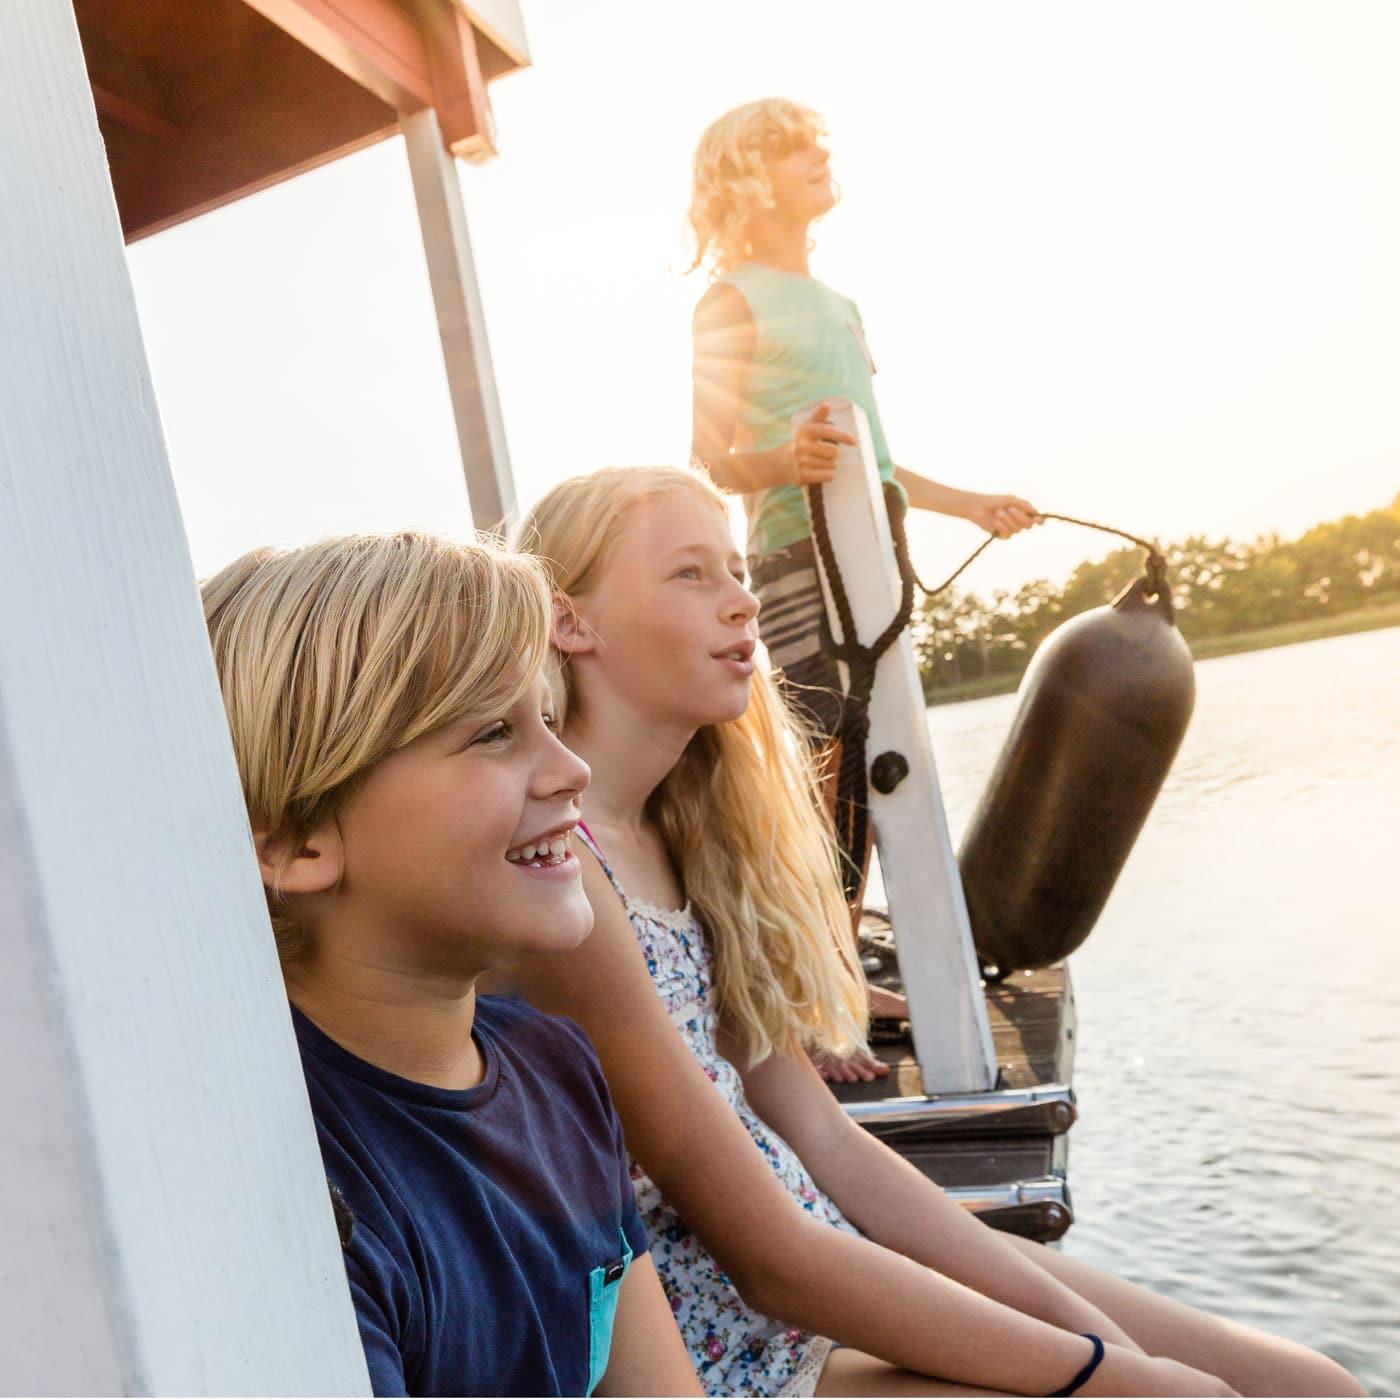 Familienurlaub an der Mecklenburgischen Seenplatte: Ferien auf dem Hausboot // HIMBEER